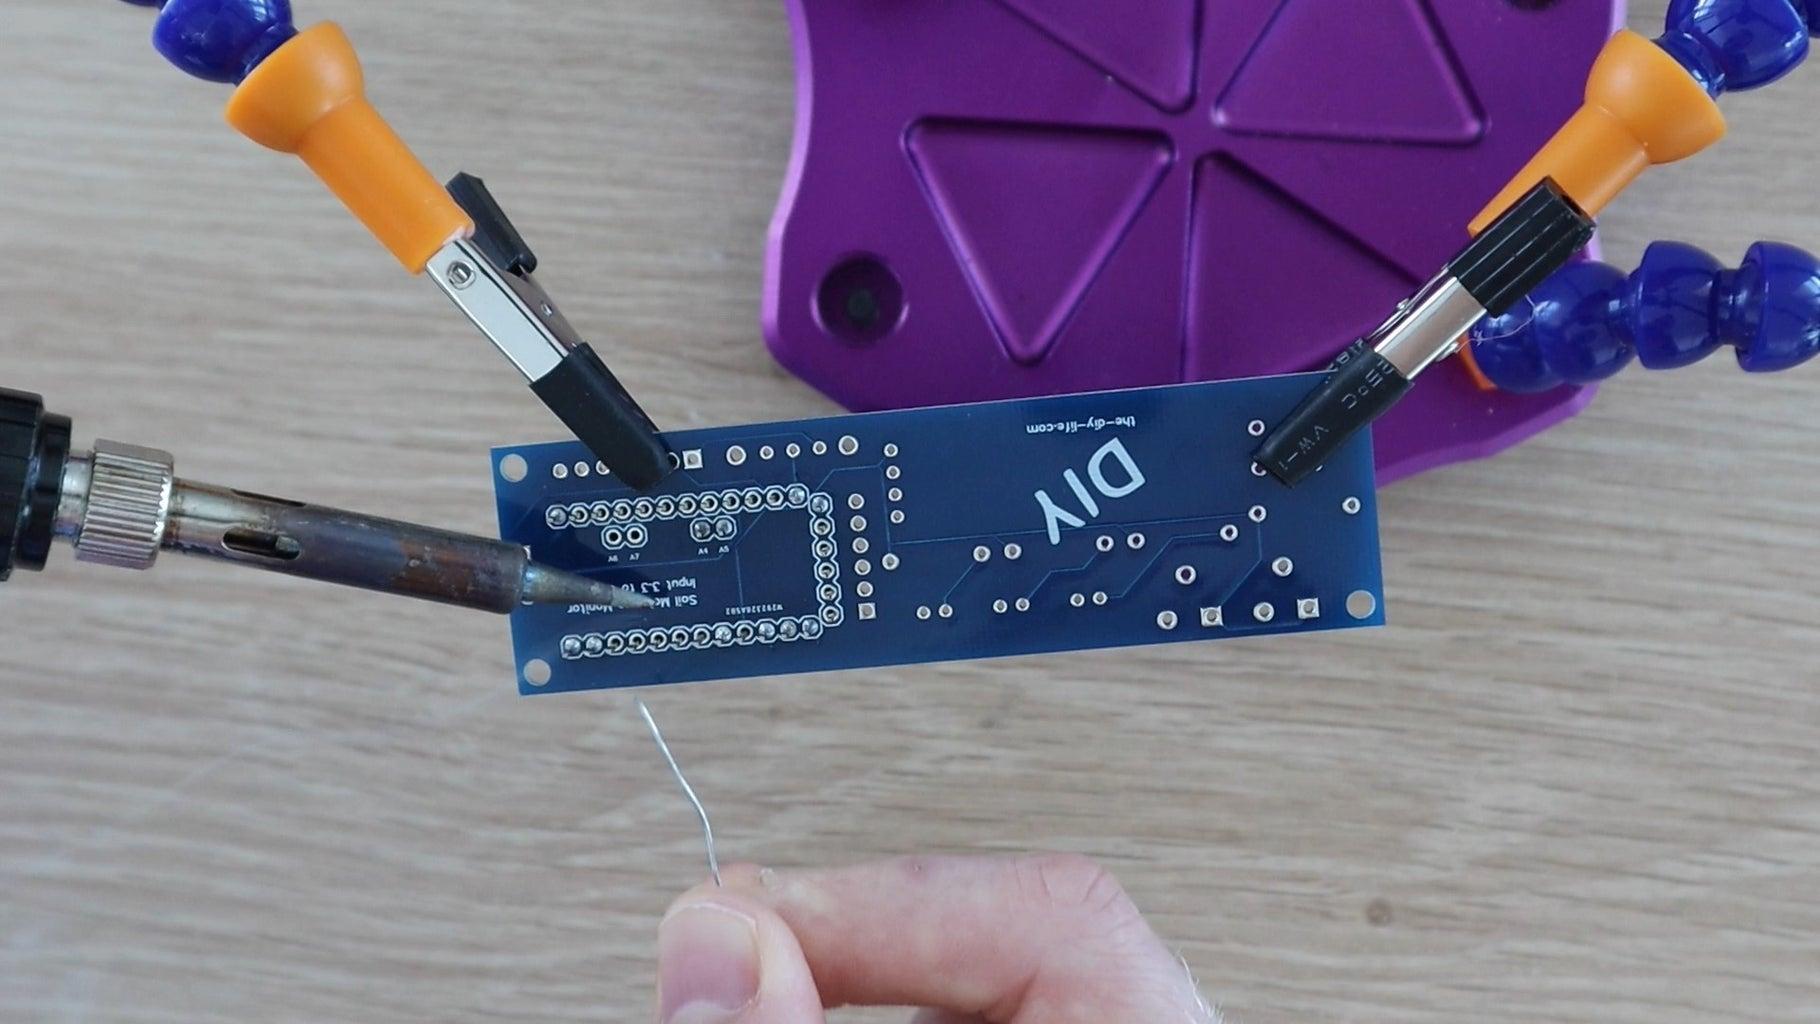 Assemble the PCBs